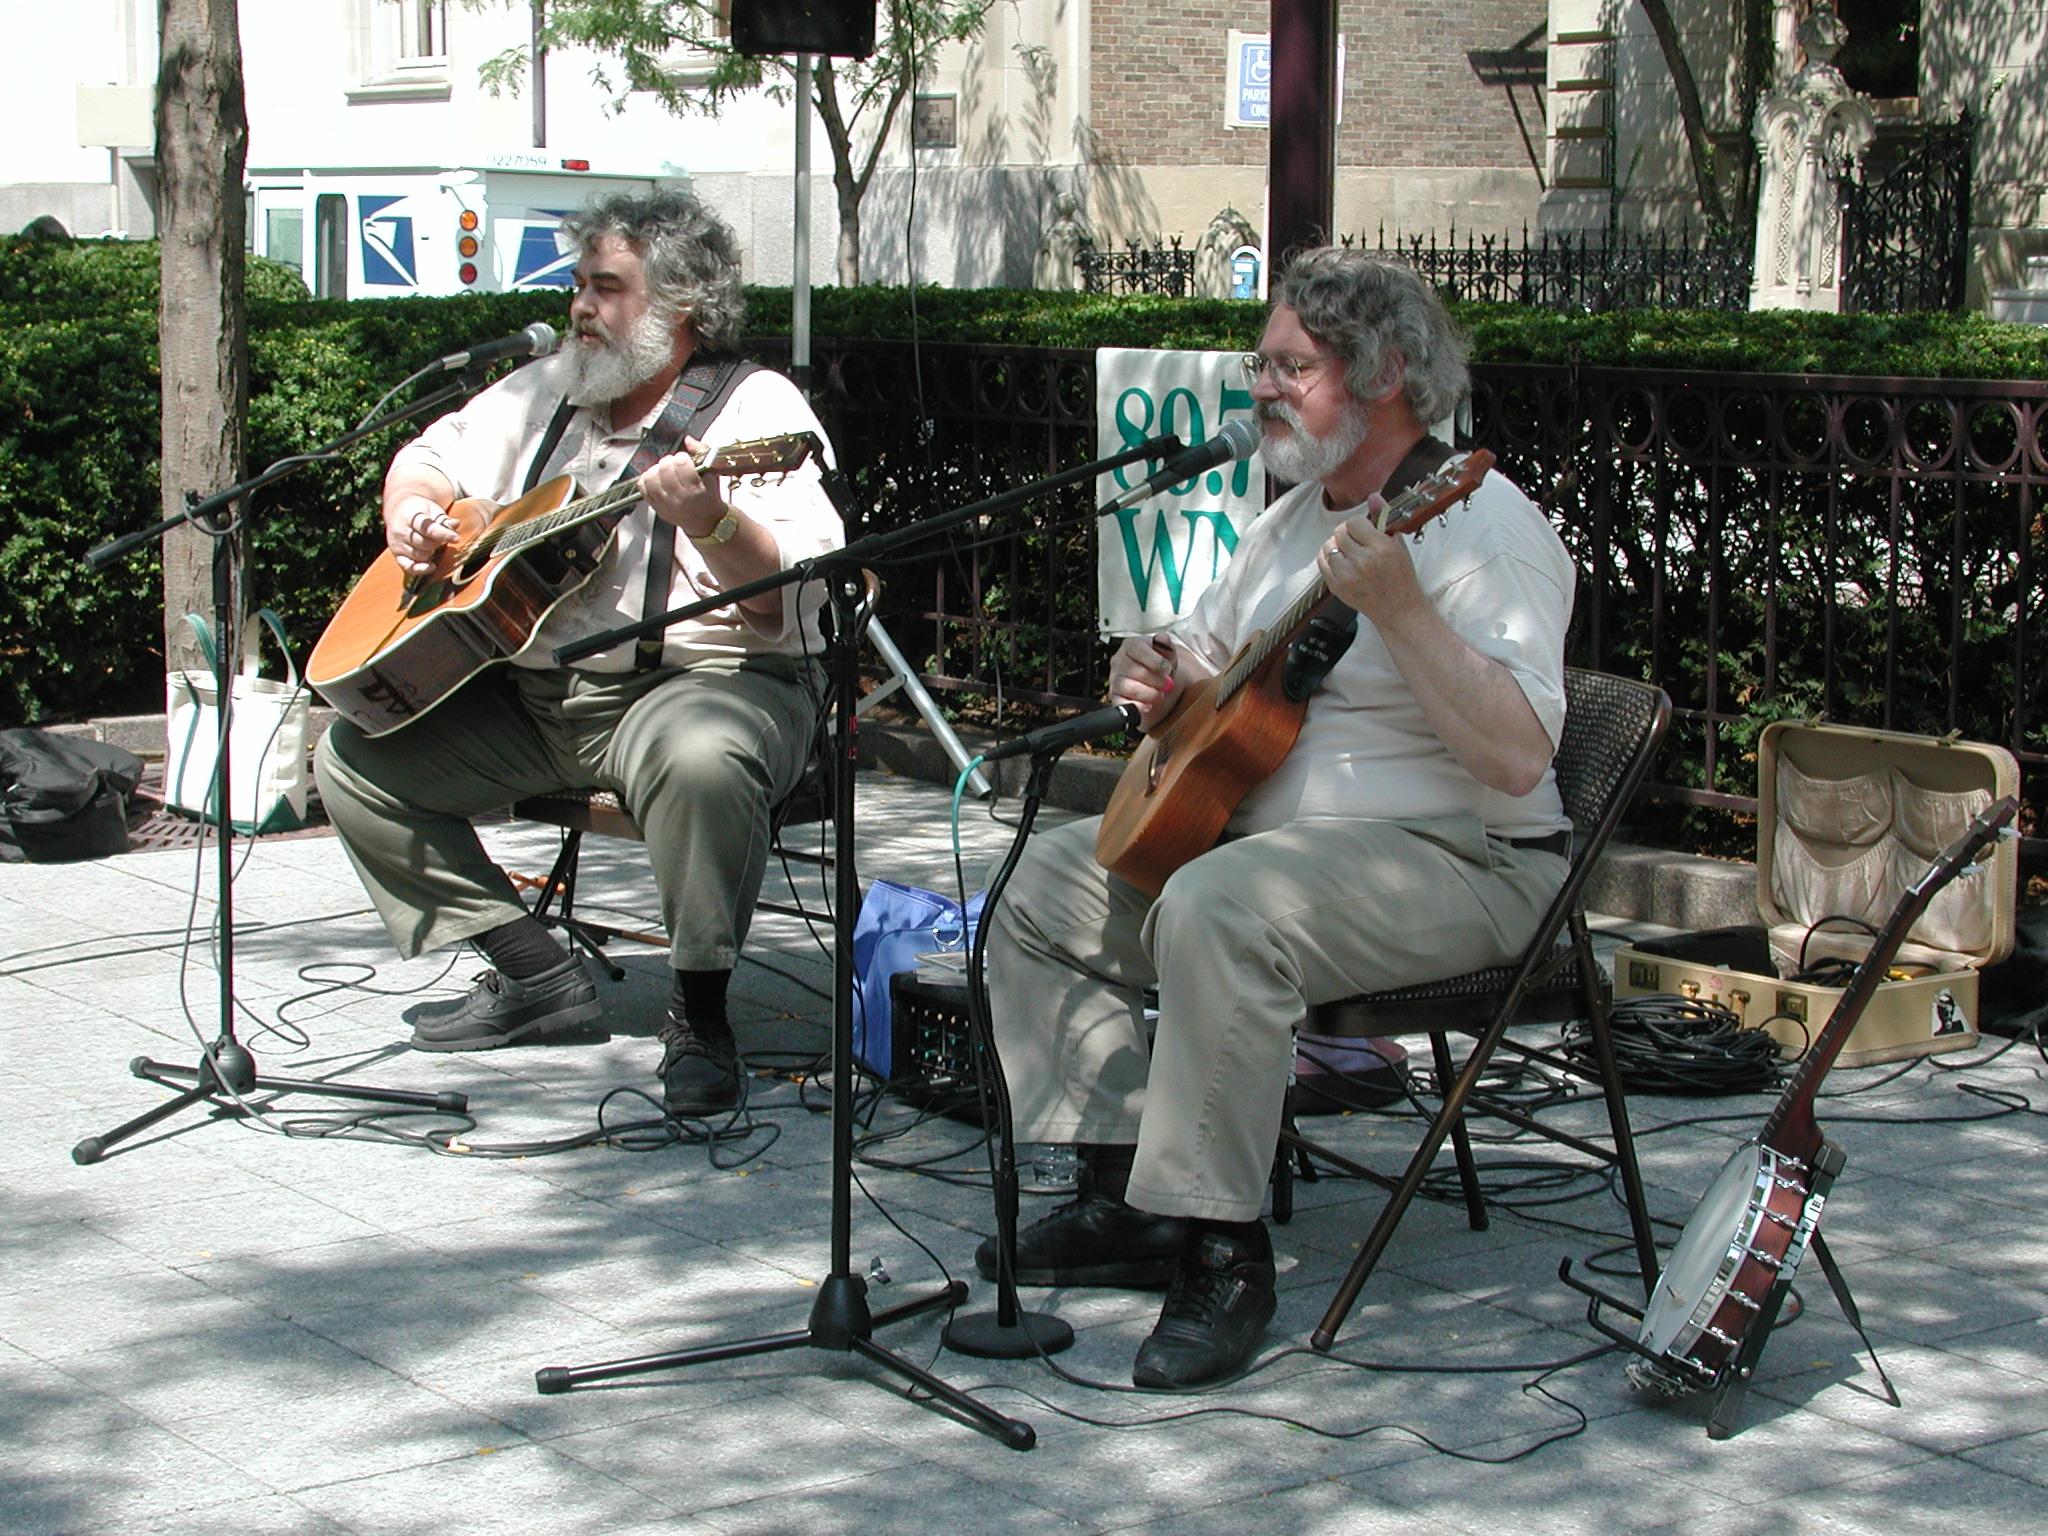 Two men play guitars